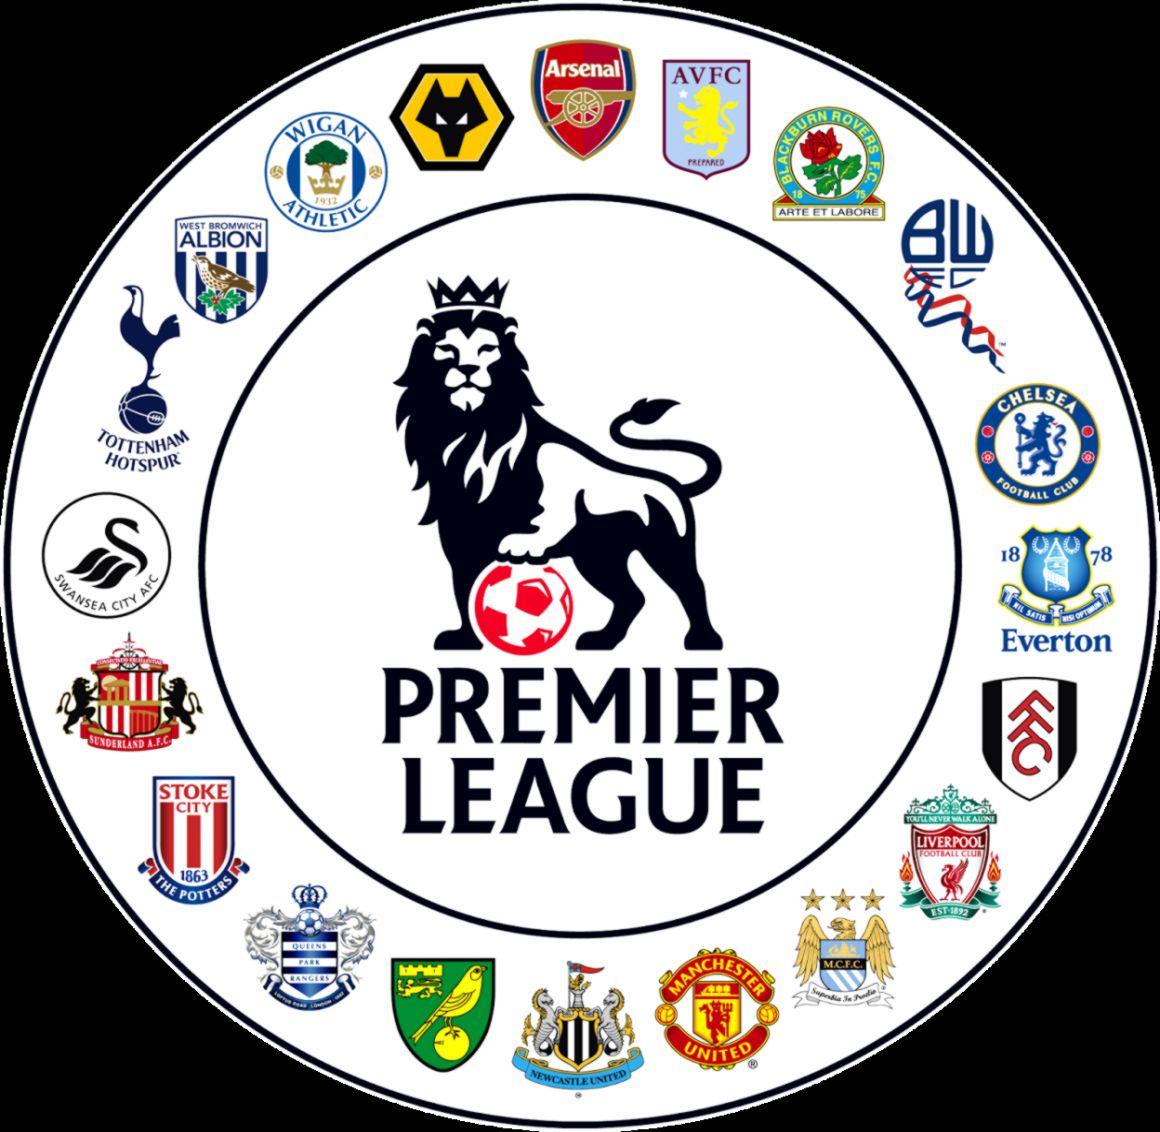 Premier League Clubs: Barclays Premier League Logo Club